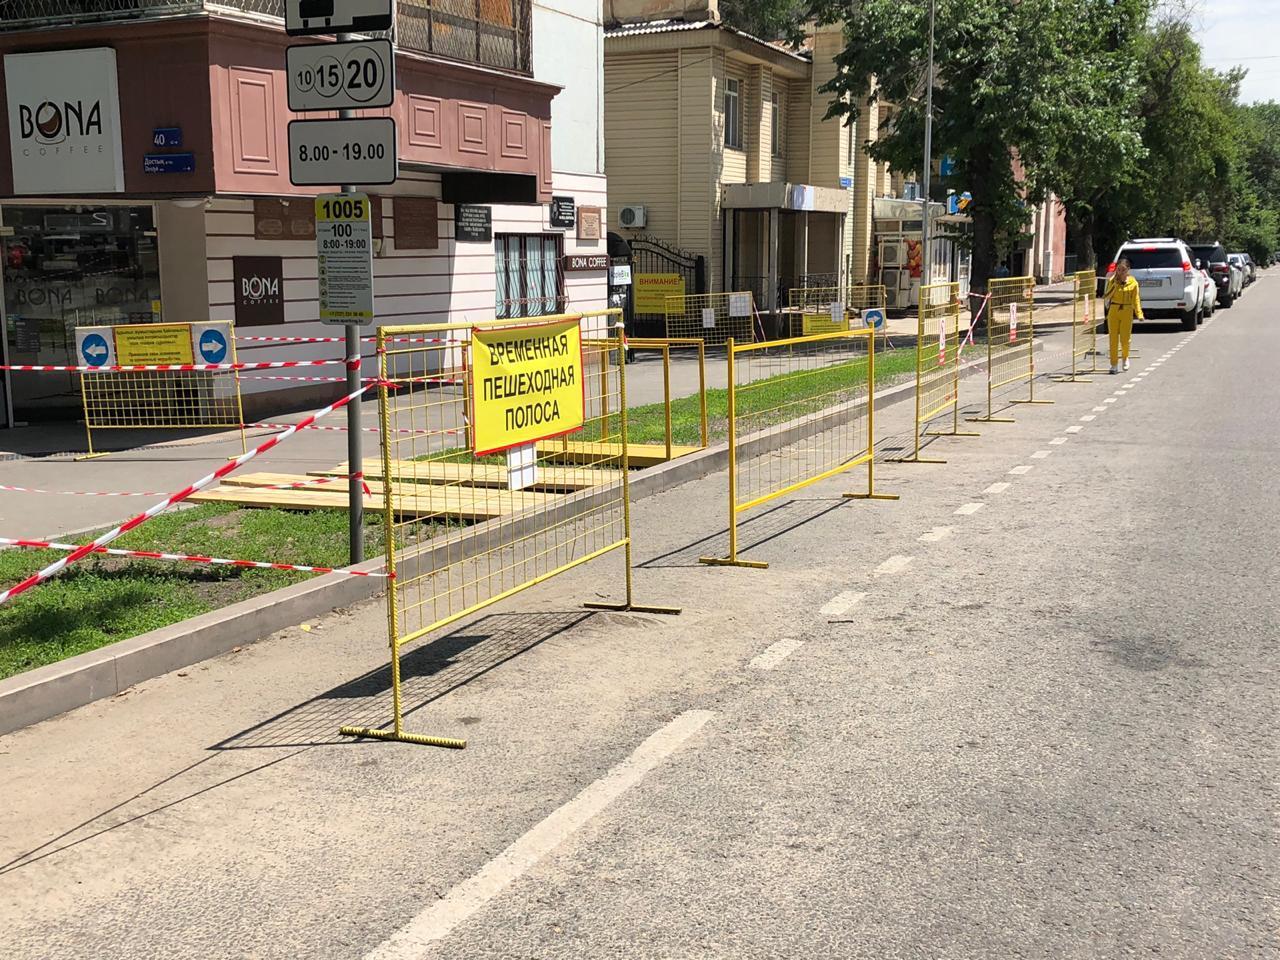 На улицах Алматы появится энергосберегающее дорожное освещение, Алмат, Бауржан Байбек, Улица, Дорога